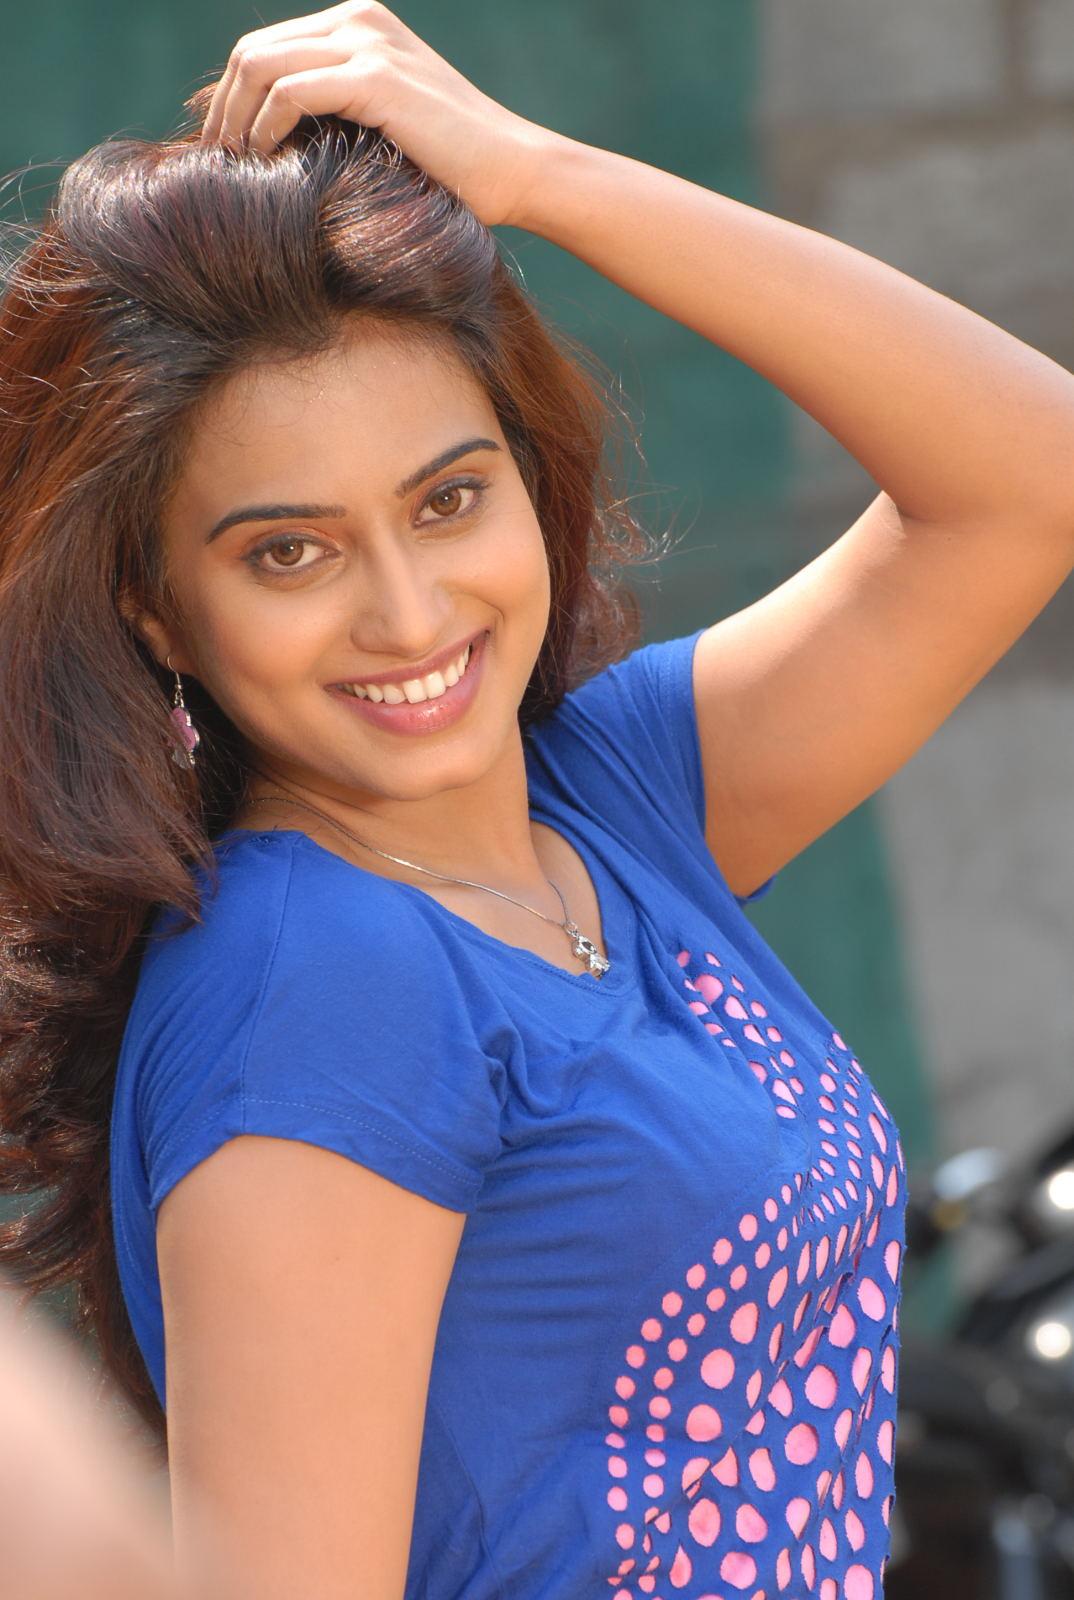 Tamil village hot photos Tamil Village Tribal Girls Hot Pussy Photos Porn Videos Sex